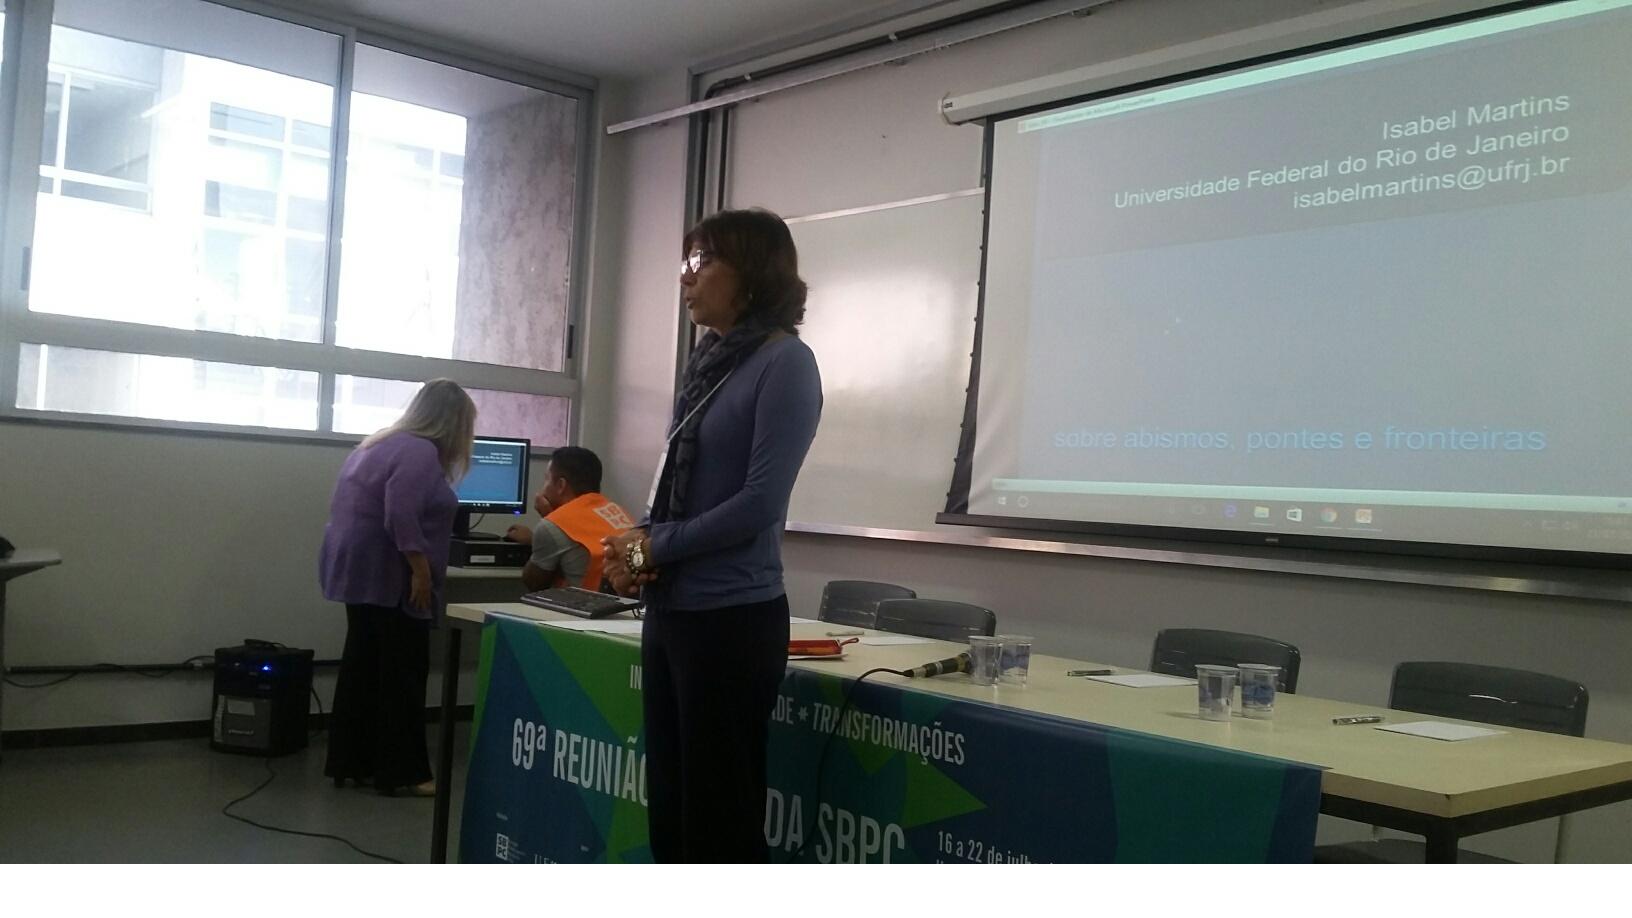 Desafios Das Publicações Em Humanidades São Debatidos Em Conferência Com Editores